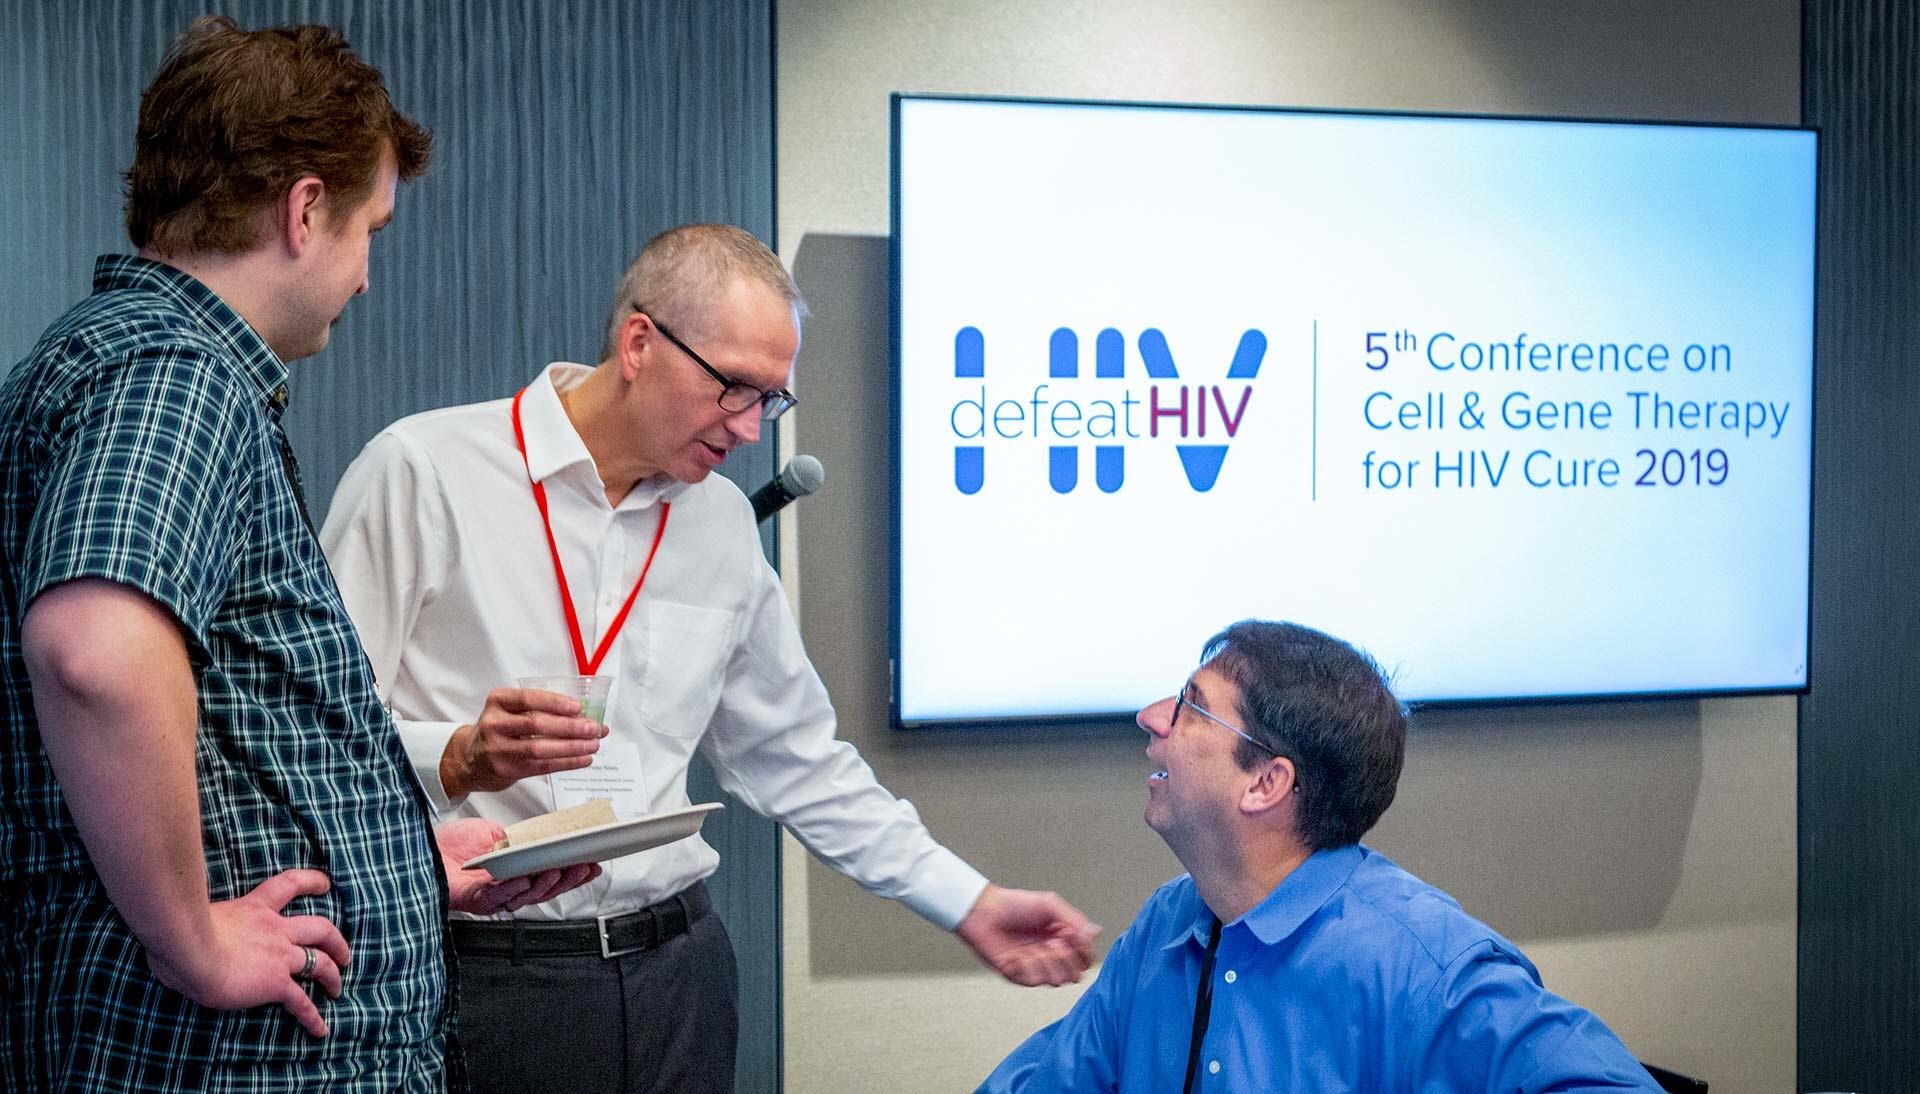 Científicos se reúnen en Seattle para compartir estrategias para una cura del VIH